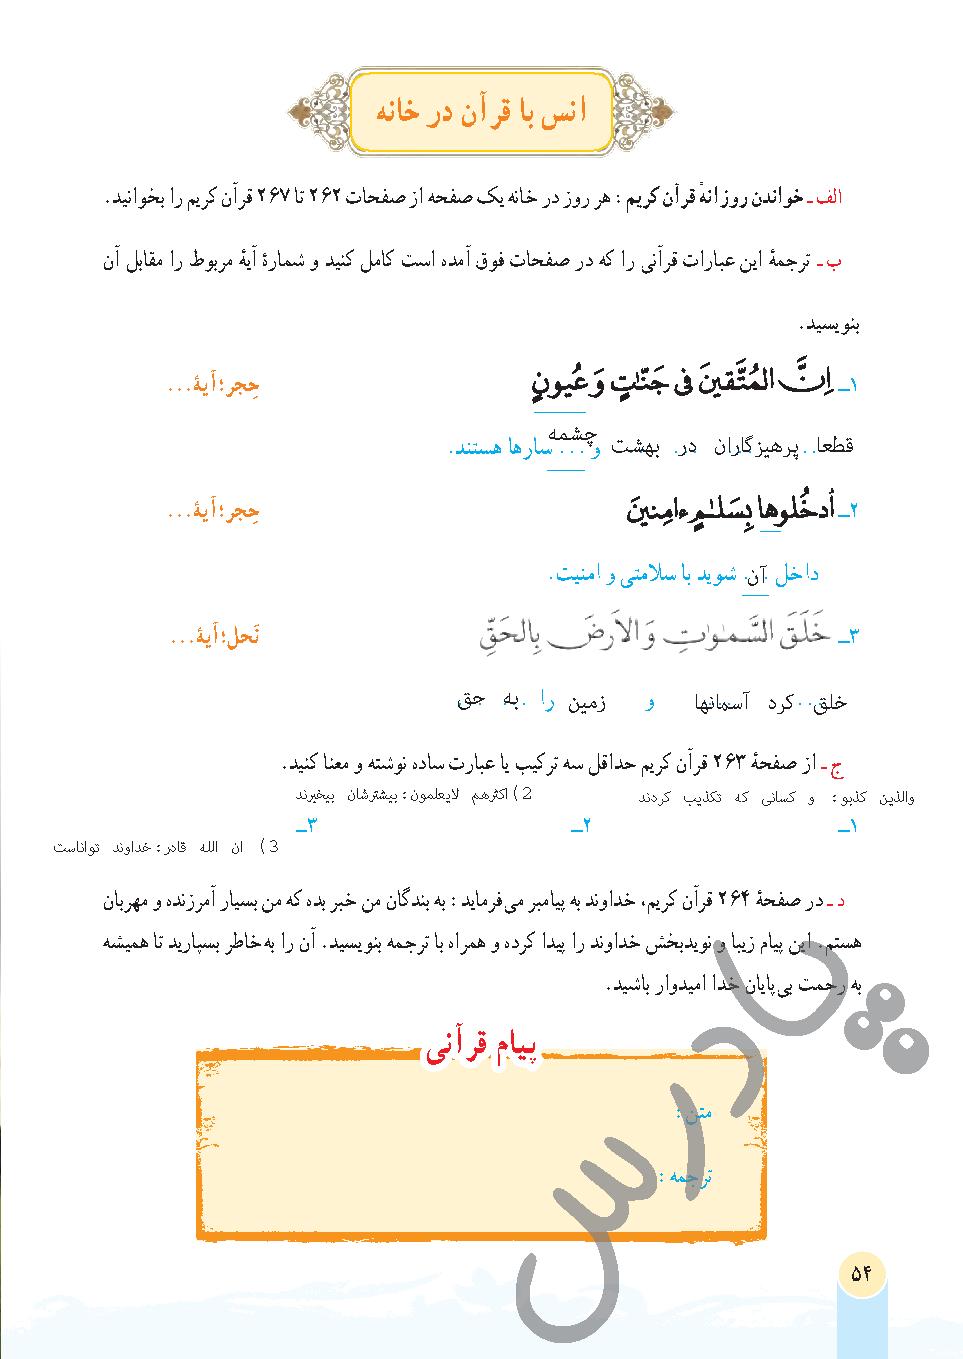 جواب انس با قرآن درس 5 قرآن هفتم - جلسه دوم